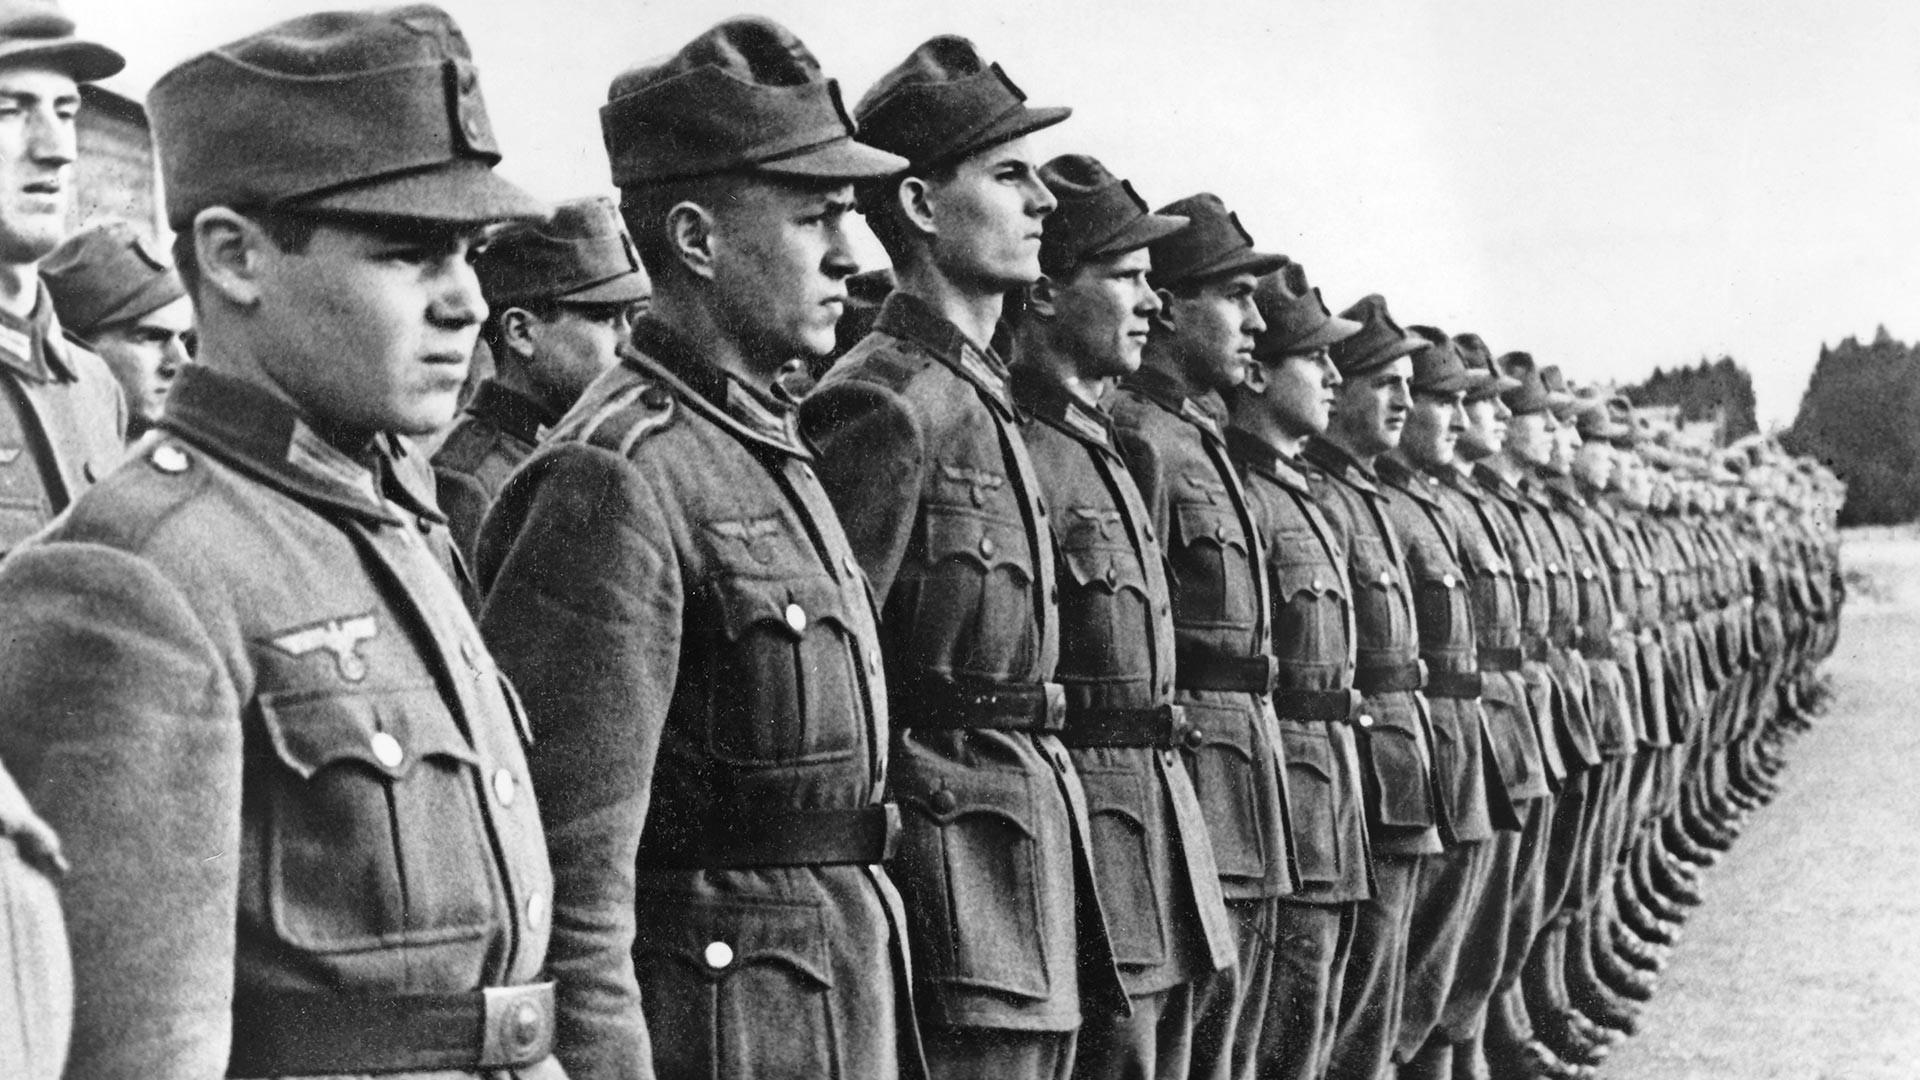 Cette photo de propagande nazie représente des volontaires croates en formation pour la Wehrmacht